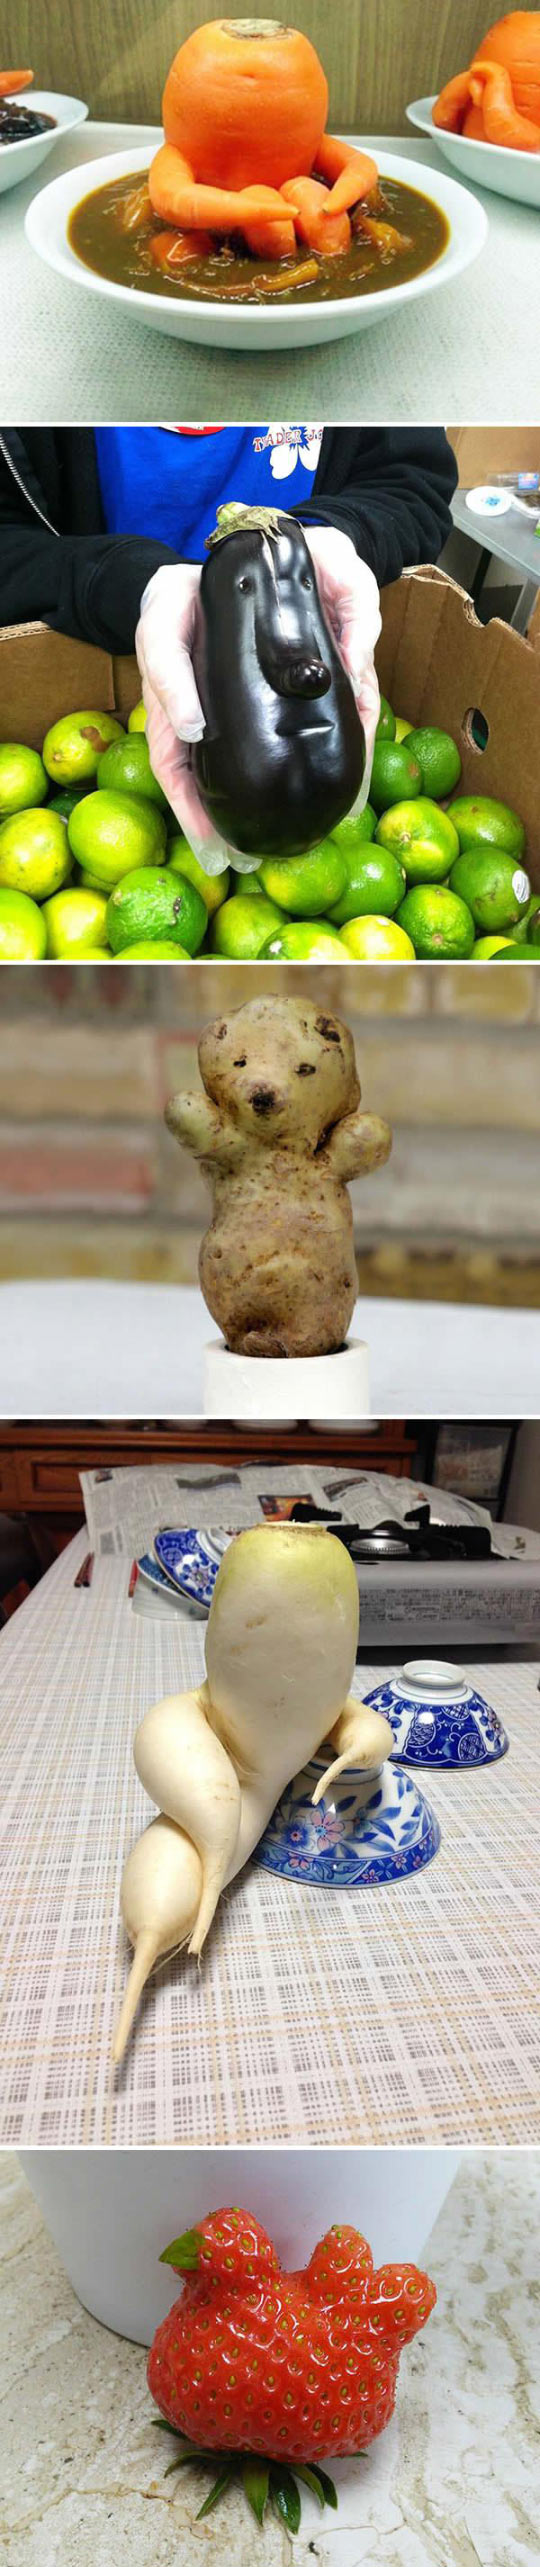 Vegetables That Look Like Something Else